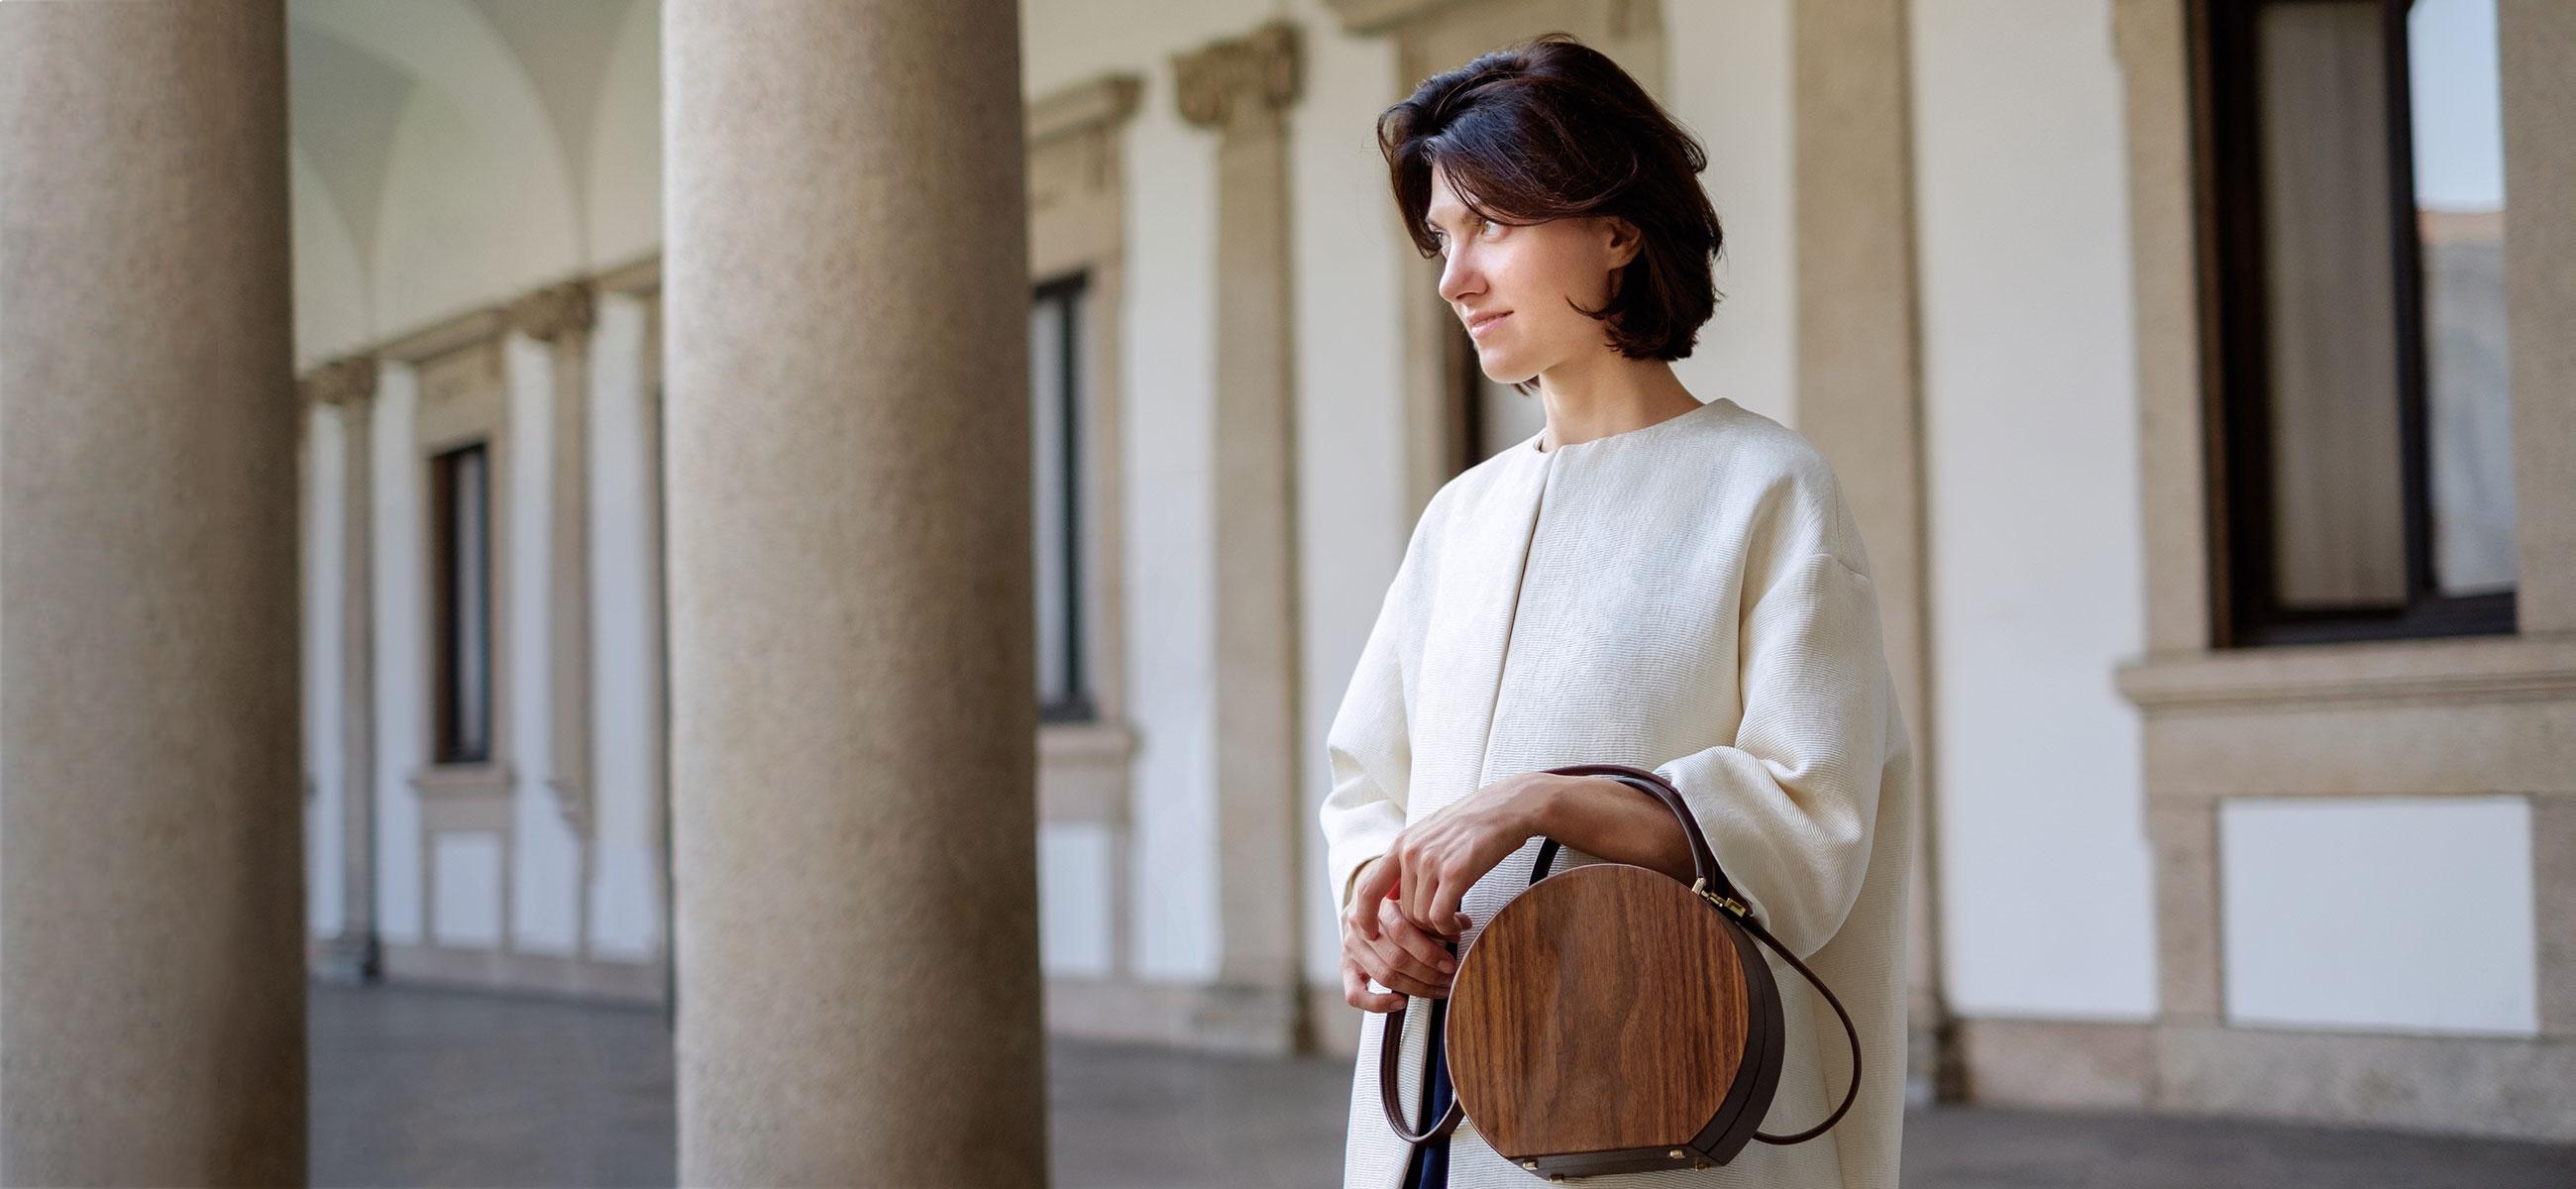 e8b4e1c702e2 Тяжелый люкс: деревянные сумки BU Wood, которые Ксения Собчак ...